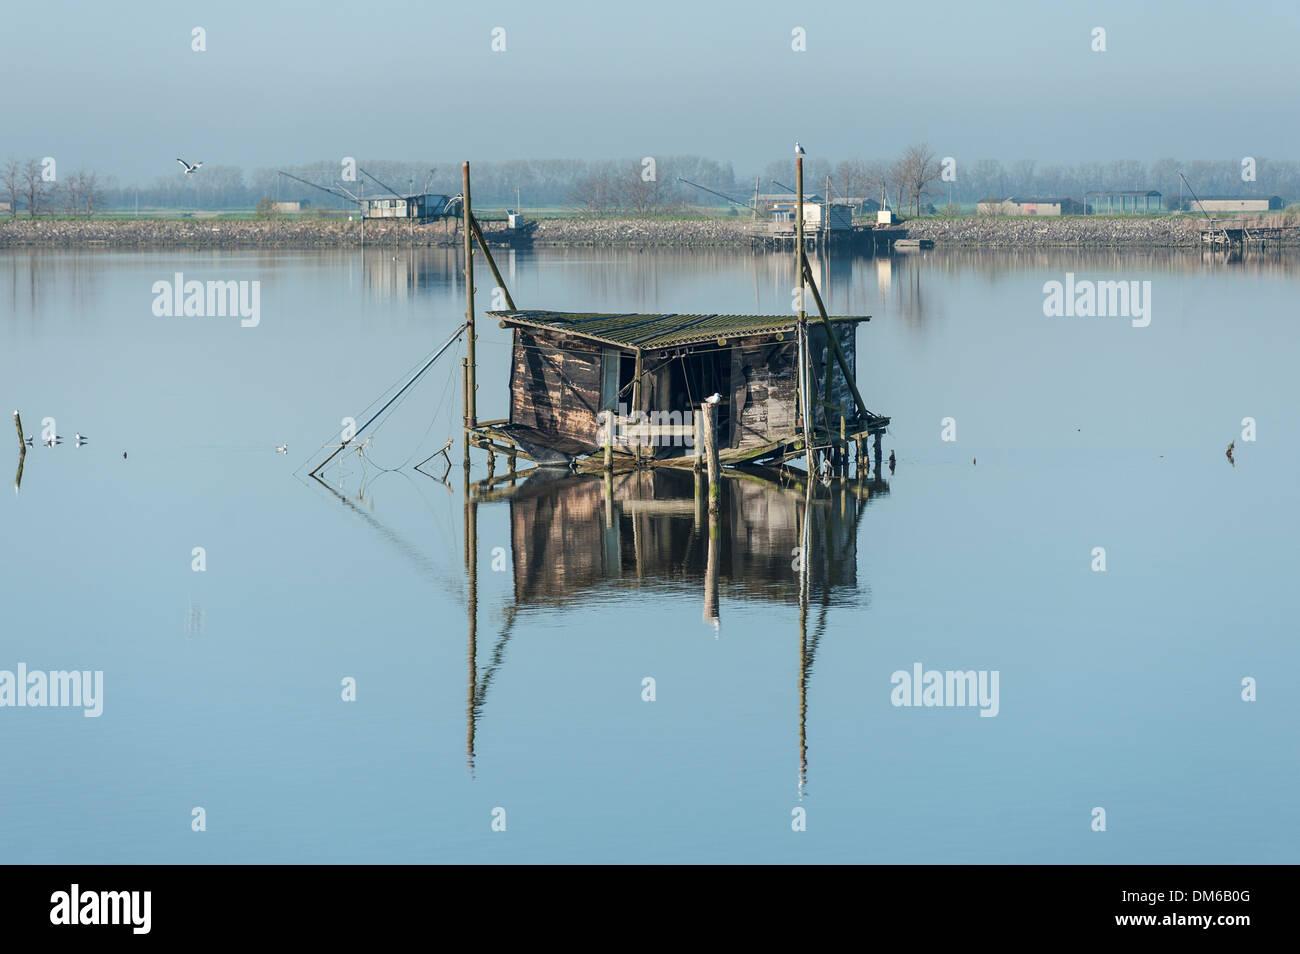 Pietoso rifugio di pesca in una laguna, con riflessioni, Delta del Po, Comacchio, Emilia Romagna, Italia Immagini Stock